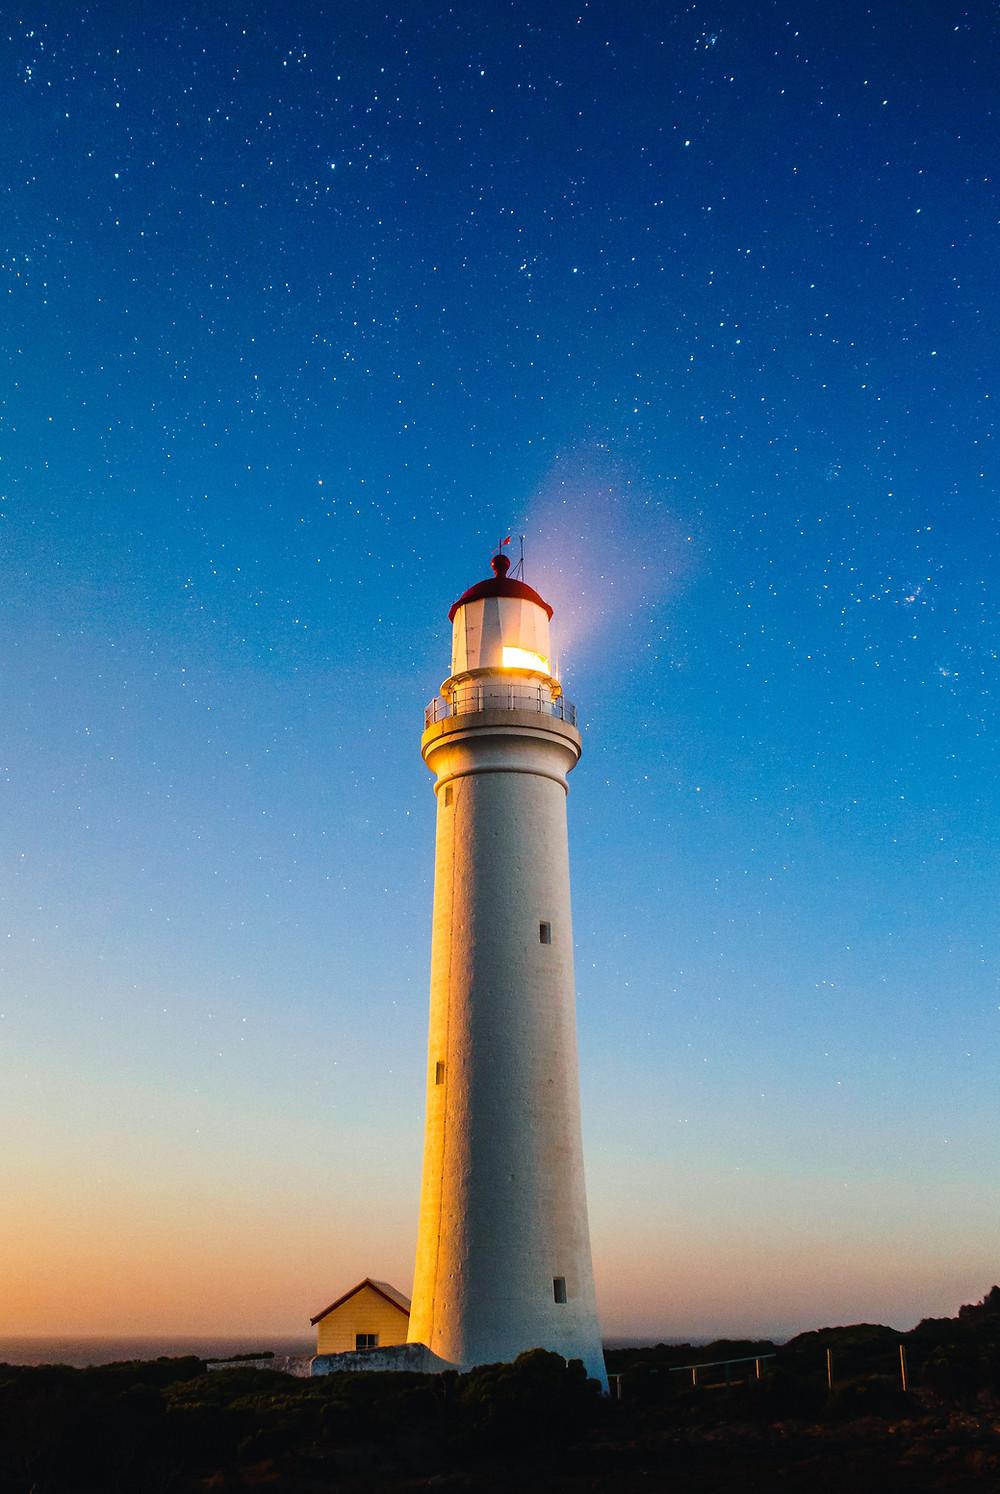 Maják svítí do dáli jako coach na cestu změnami.